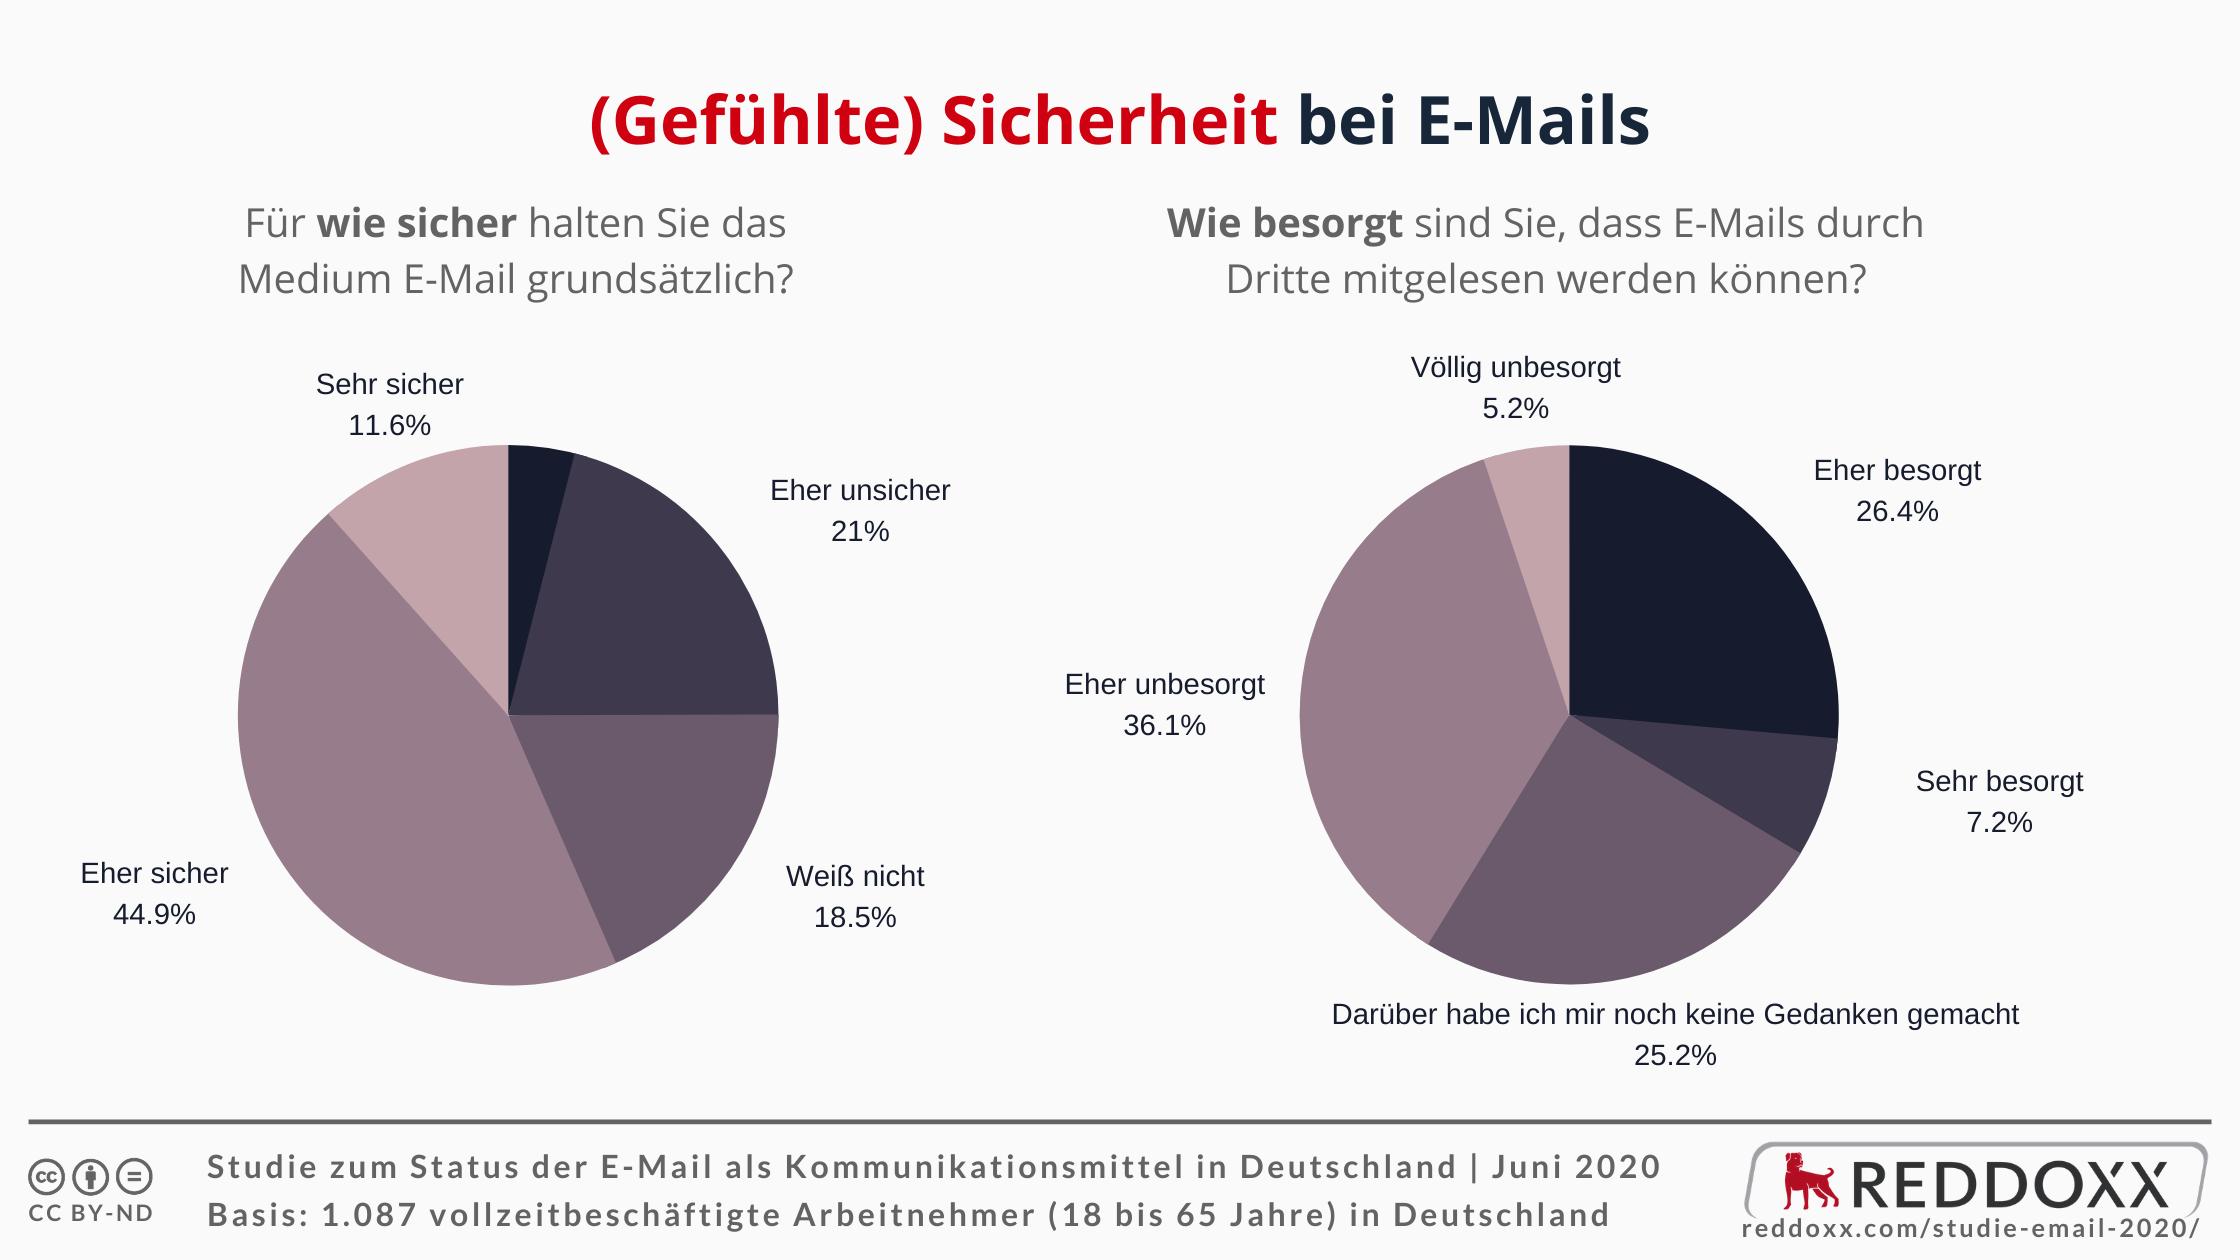 Die gefühle Sicherheit beim Umgang mit E-Mails